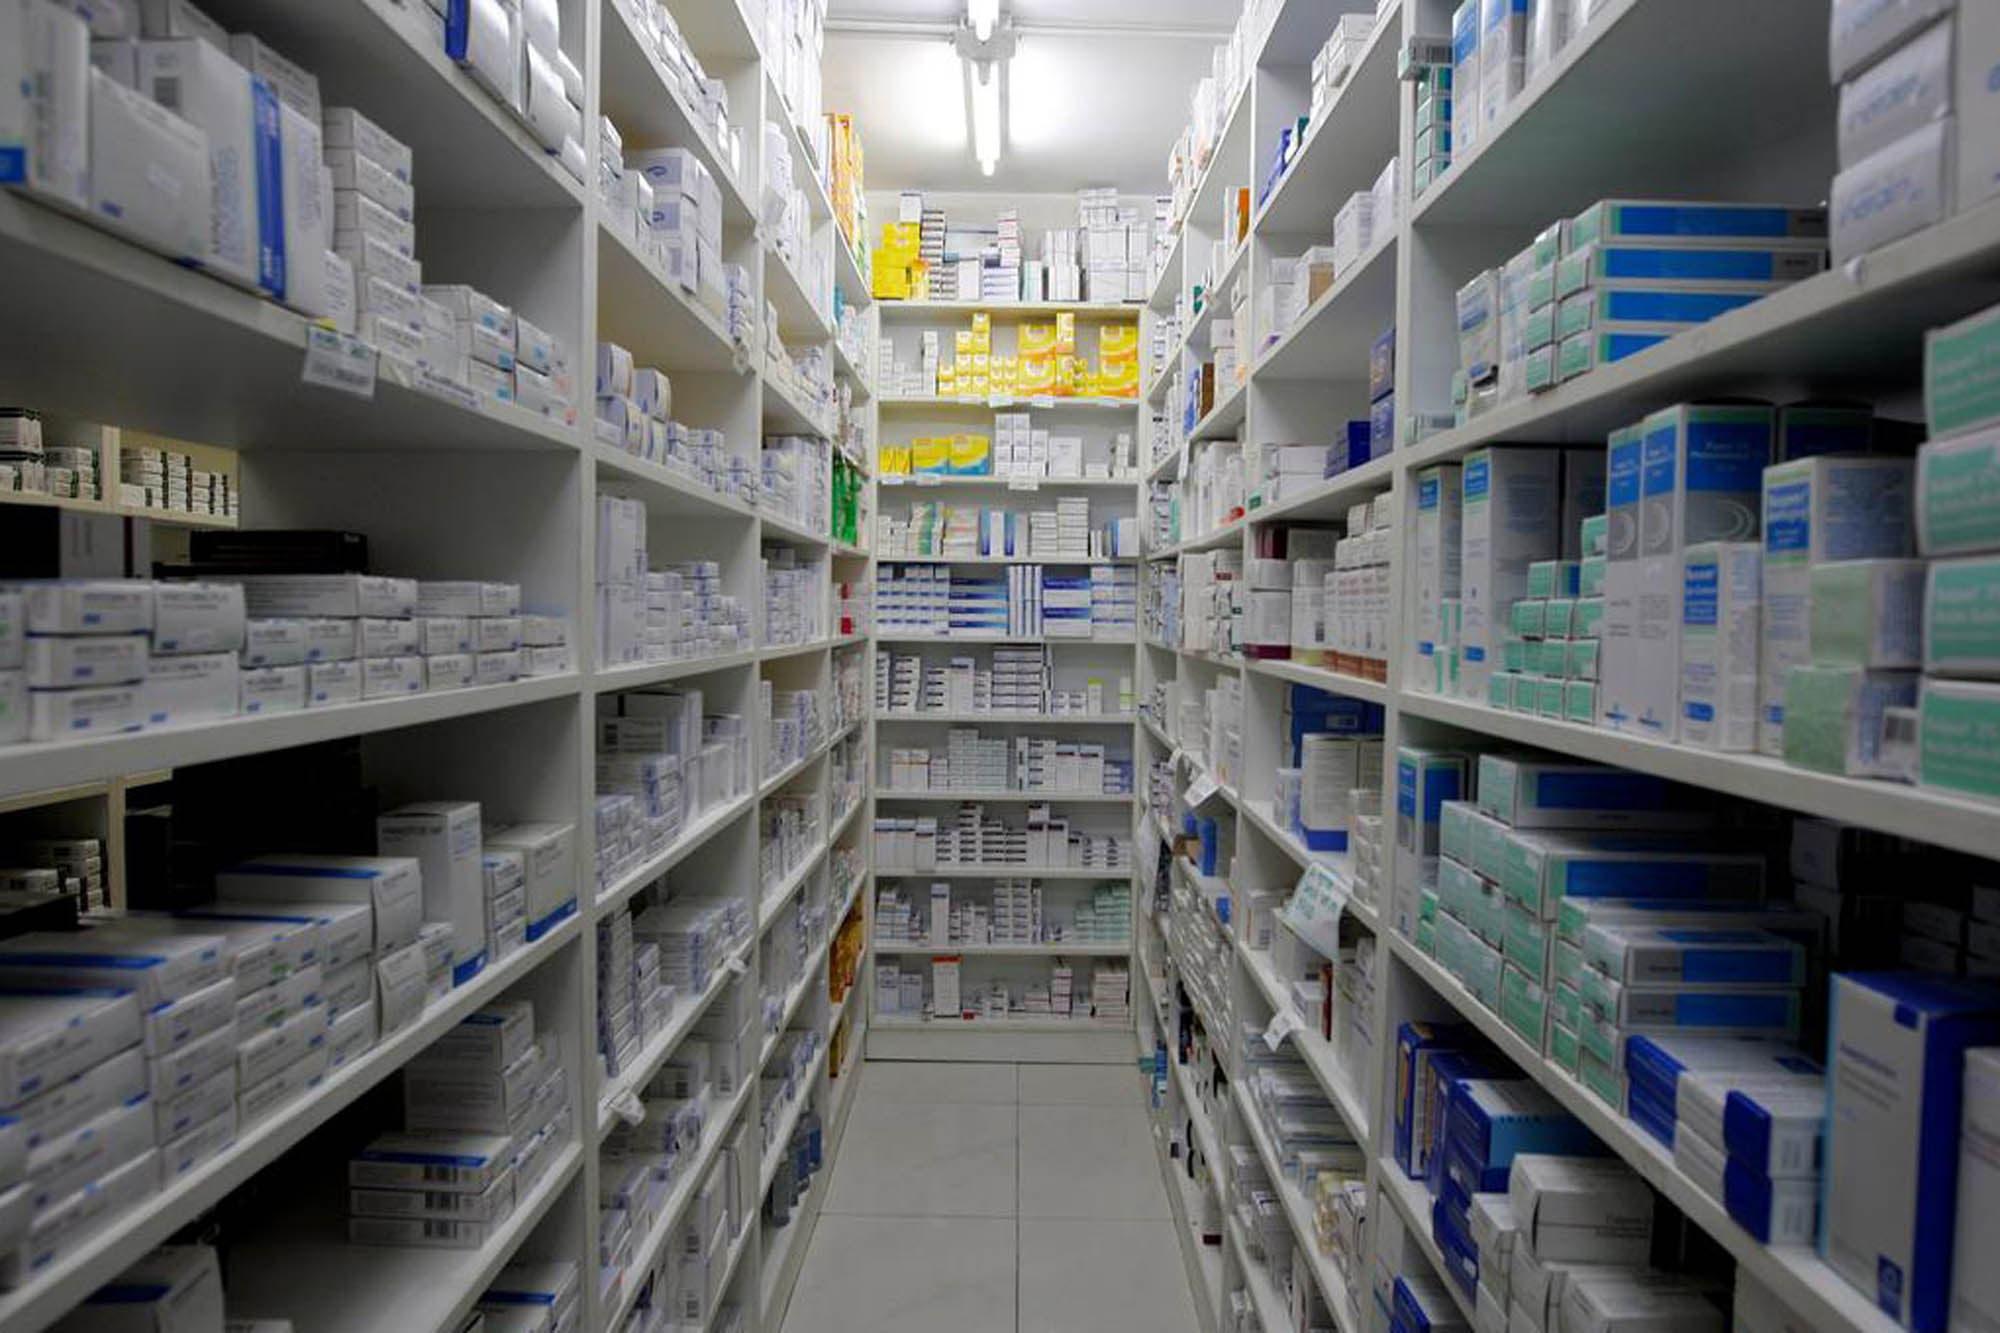 El Gobierno quiere cerrar esta semana el acuerdo para congelar el precio de los medicamentos